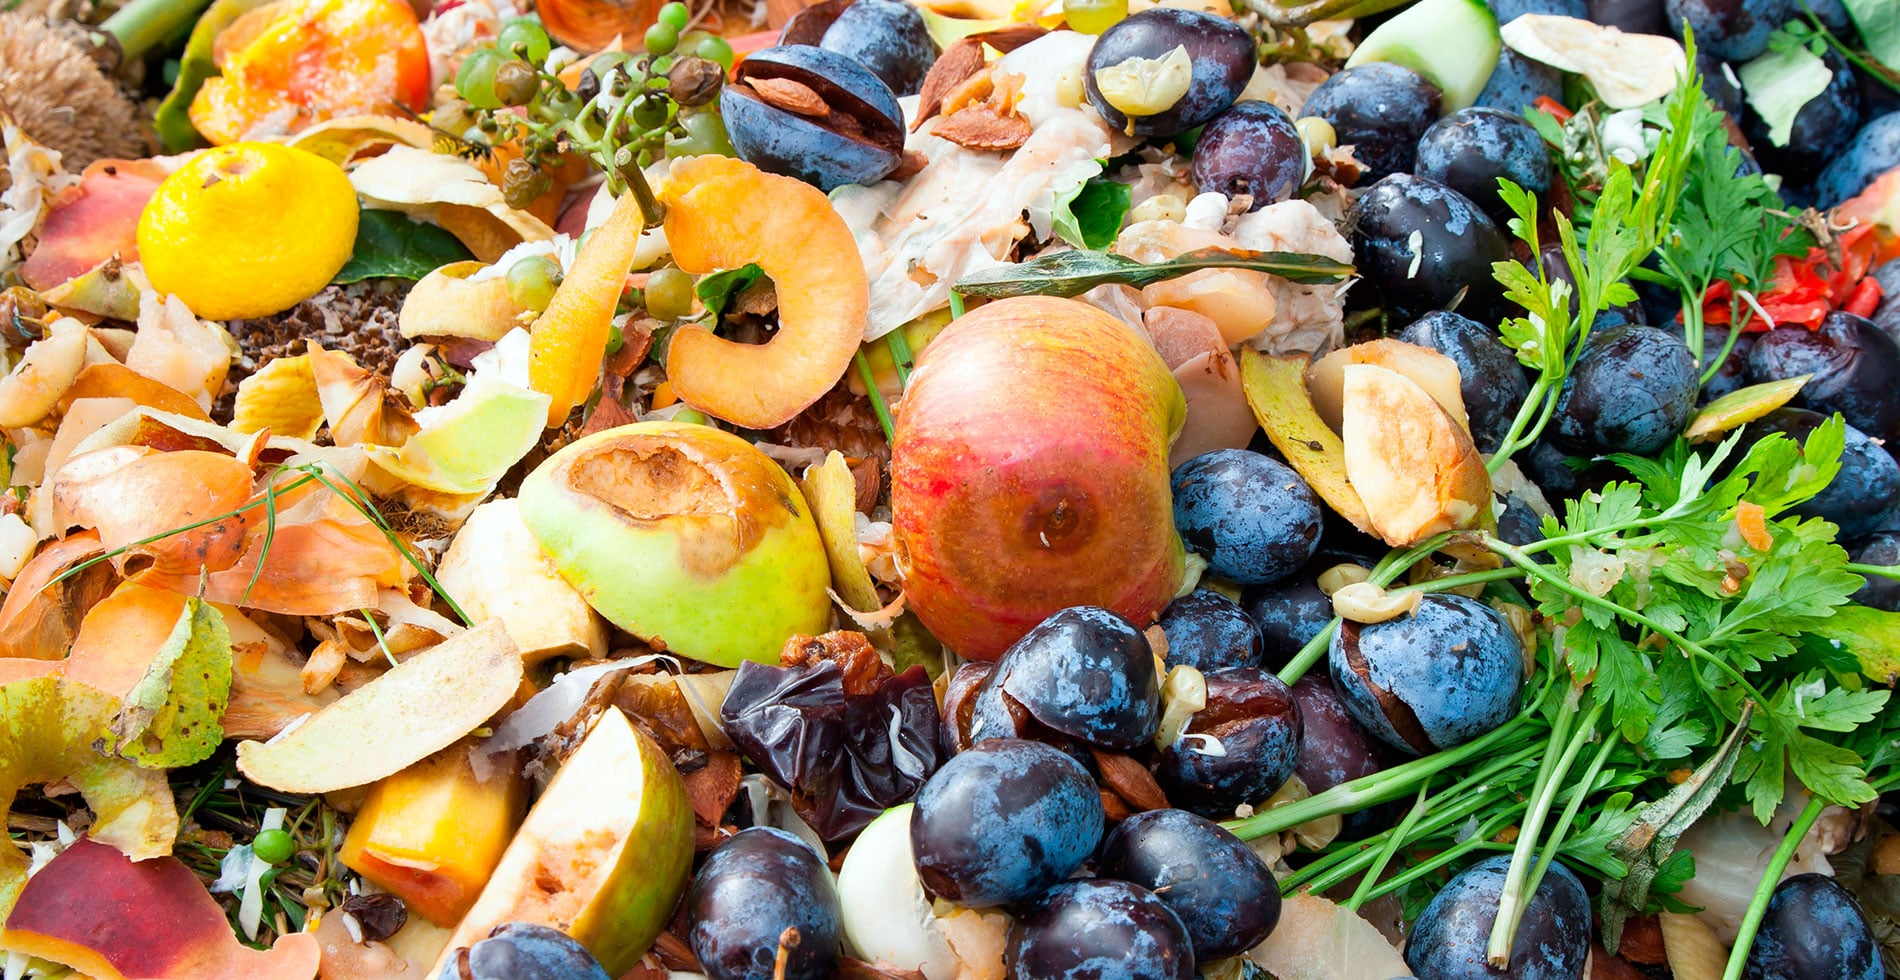 El desperdicio alimentario no es un juego